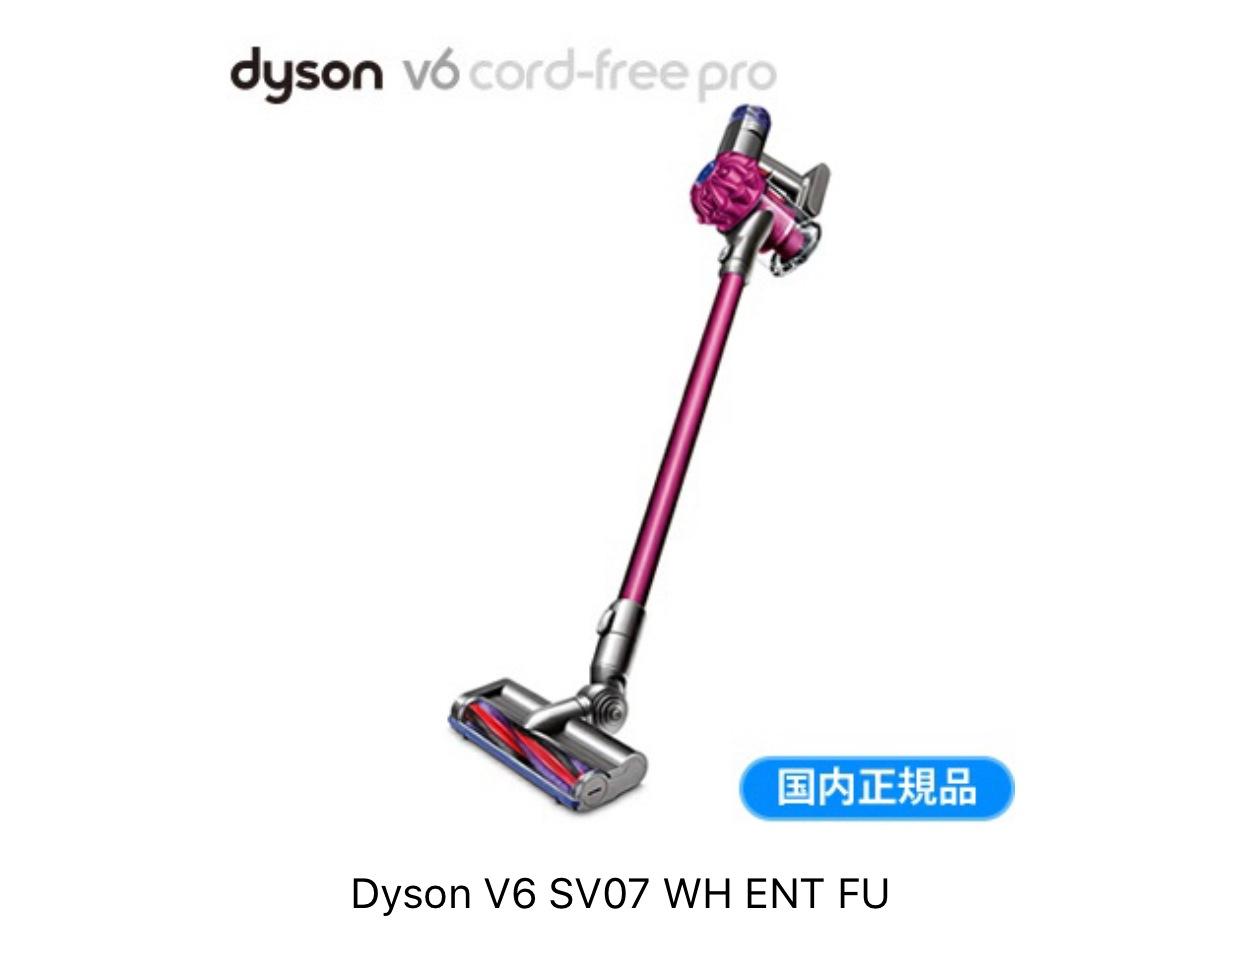 Dyson V6 SV07 WH ENT